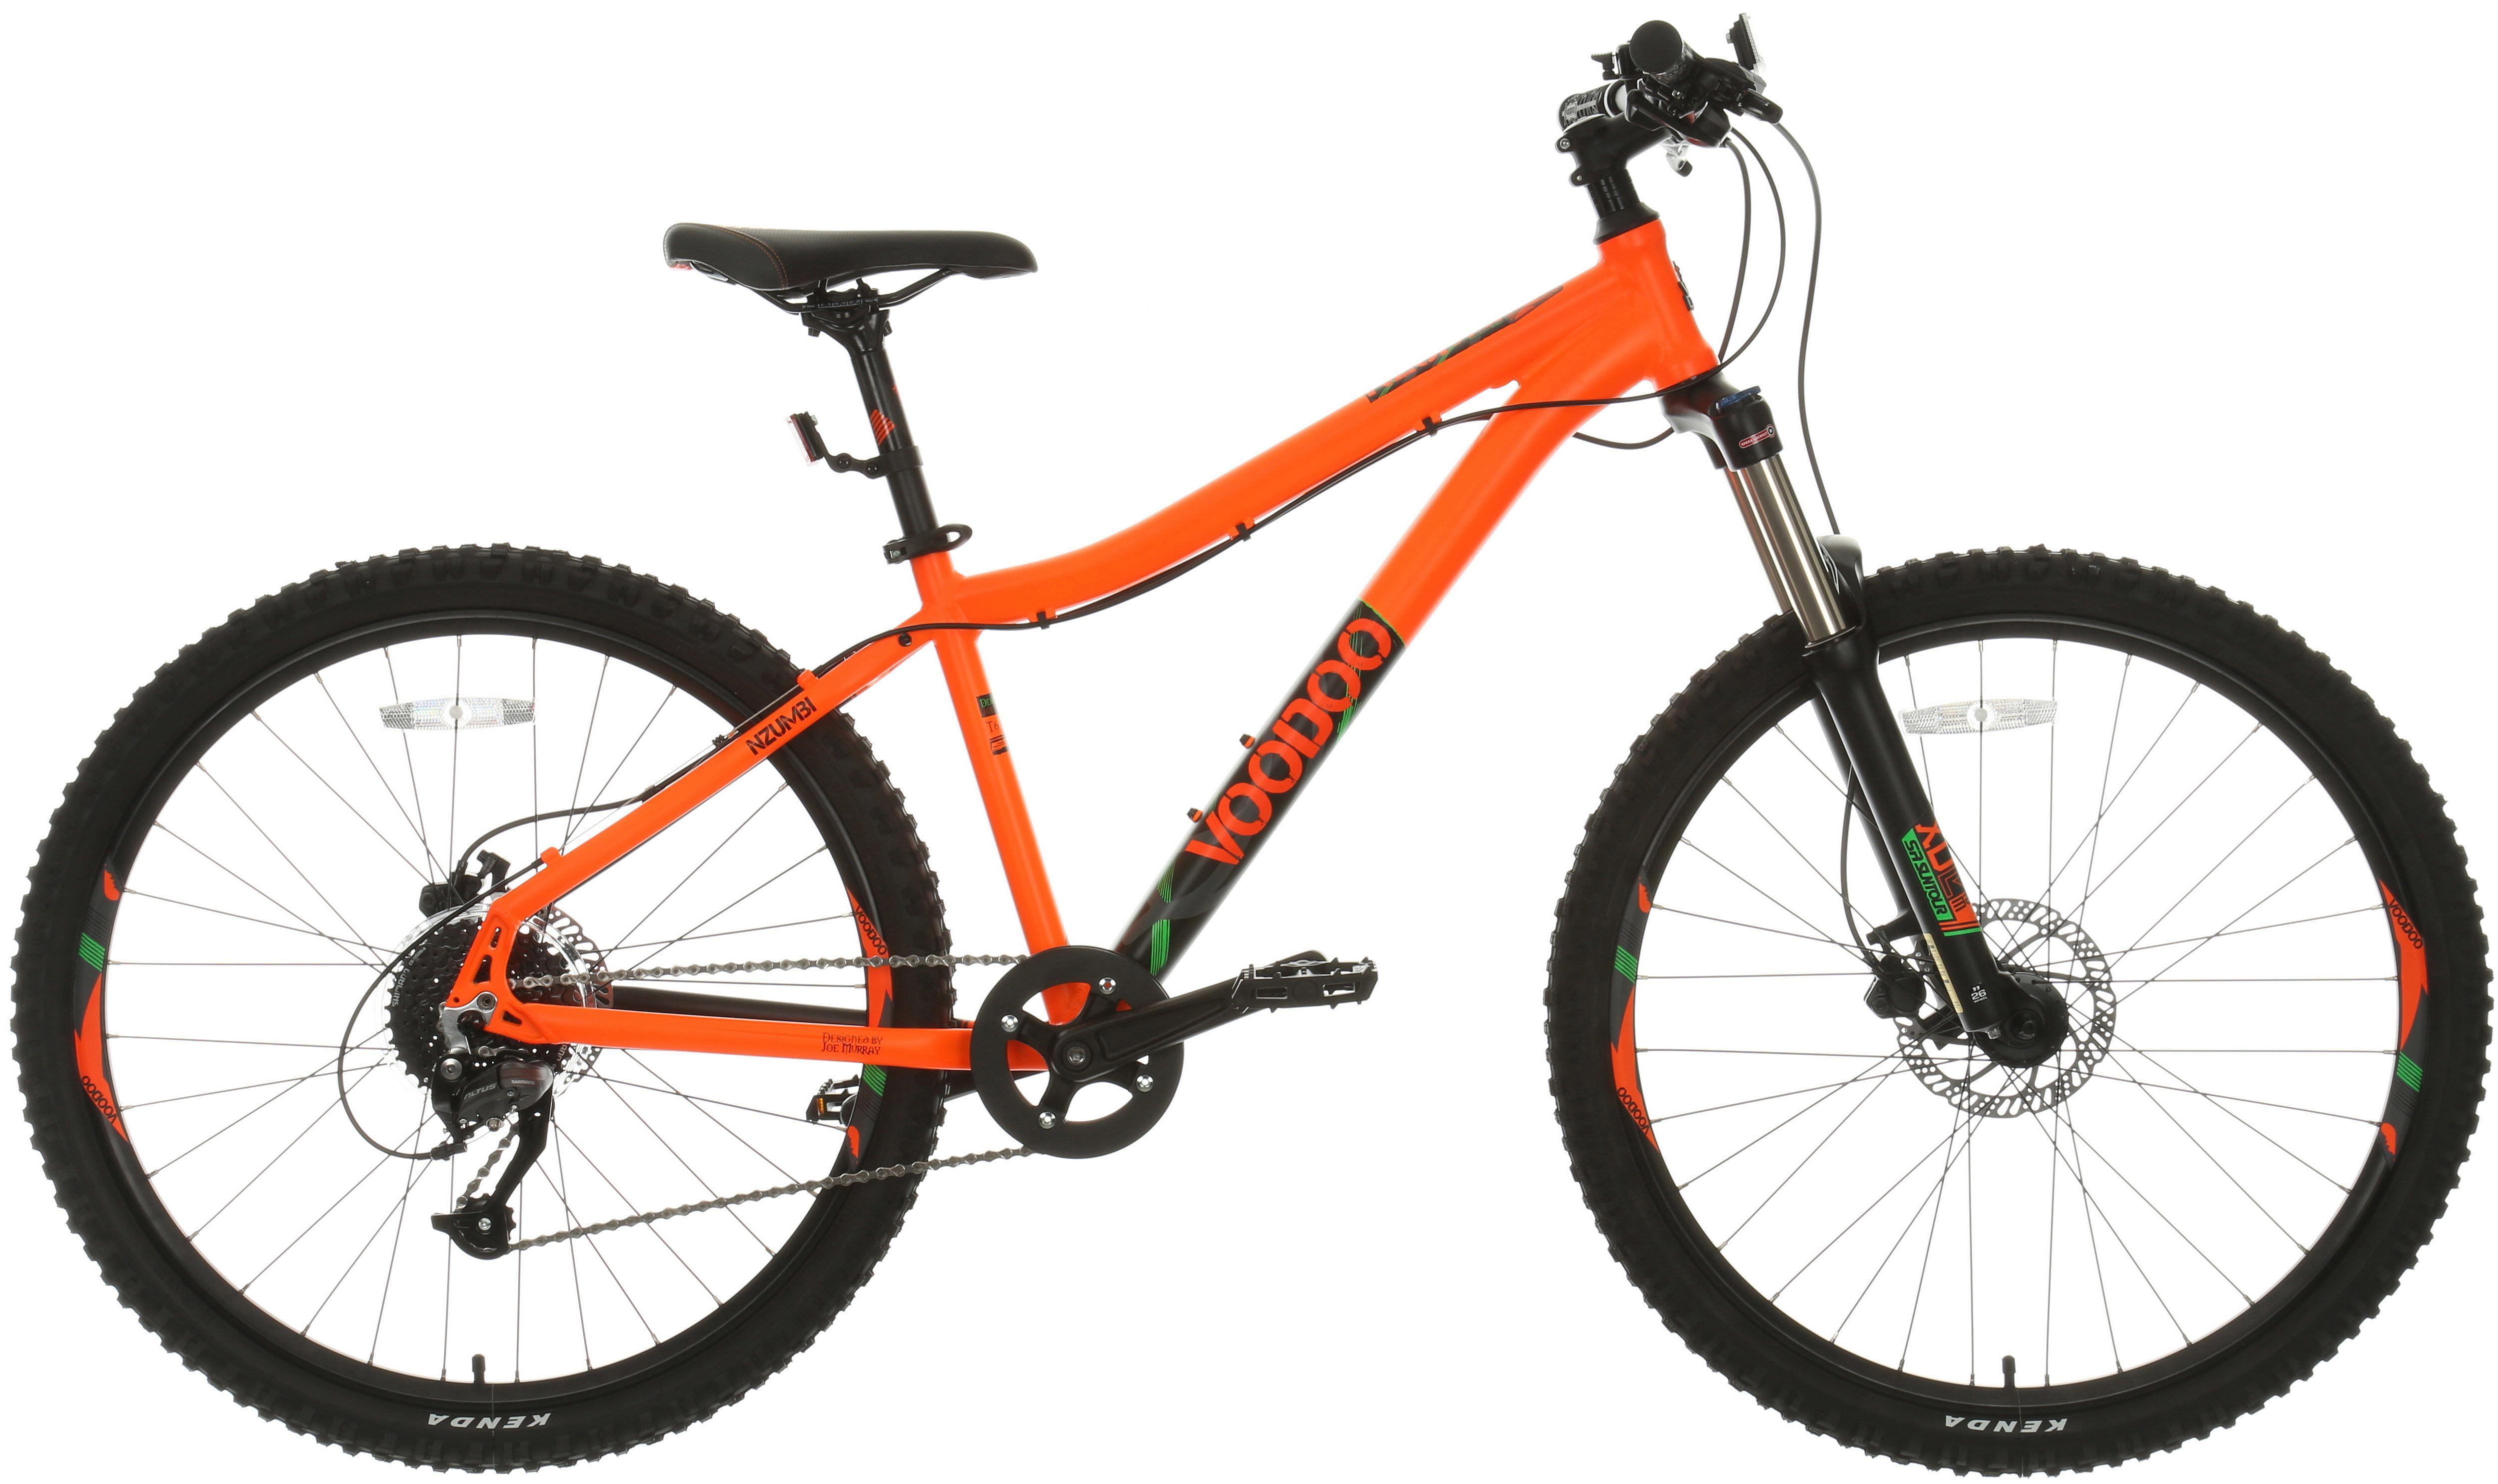 Voodoo Nzumbi Mountain Bike   13 Inch Wheel